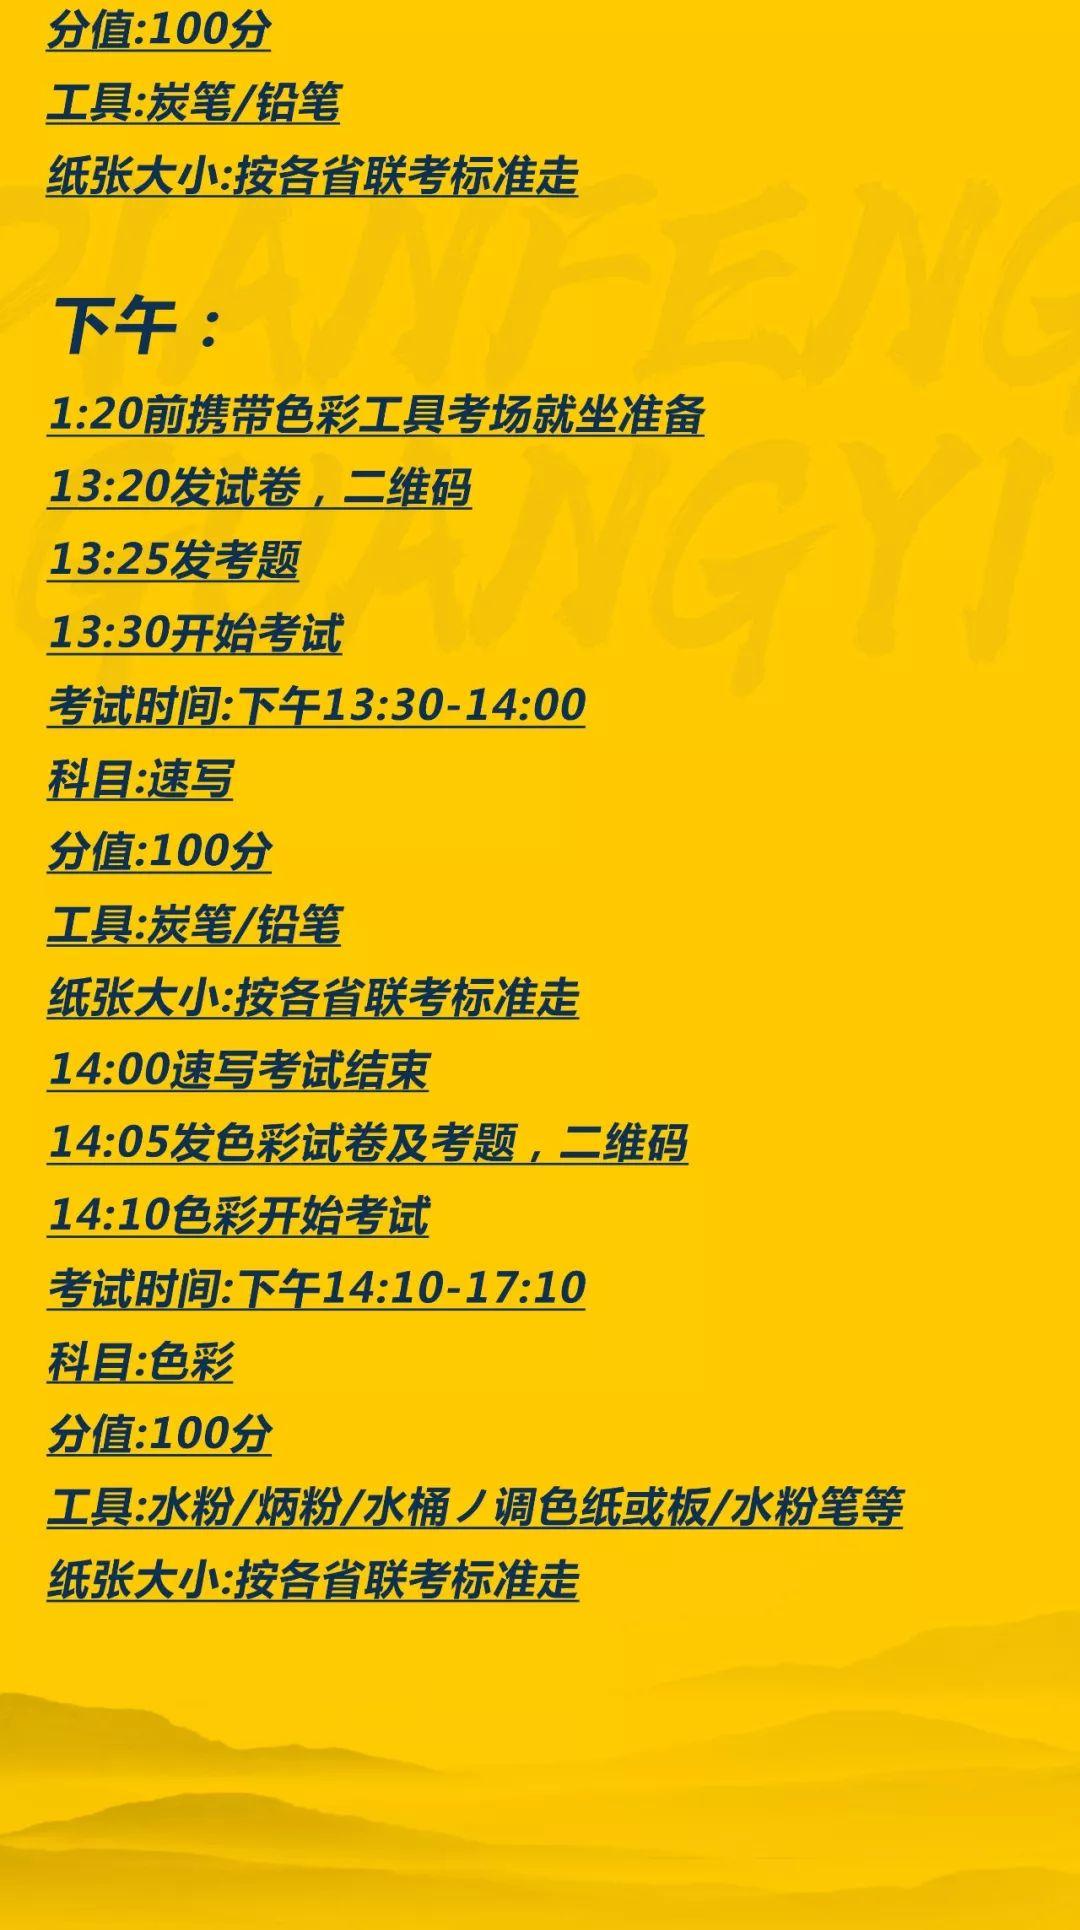 巅峰广艺大型联考模拟考试,美术联考,北京画室   07